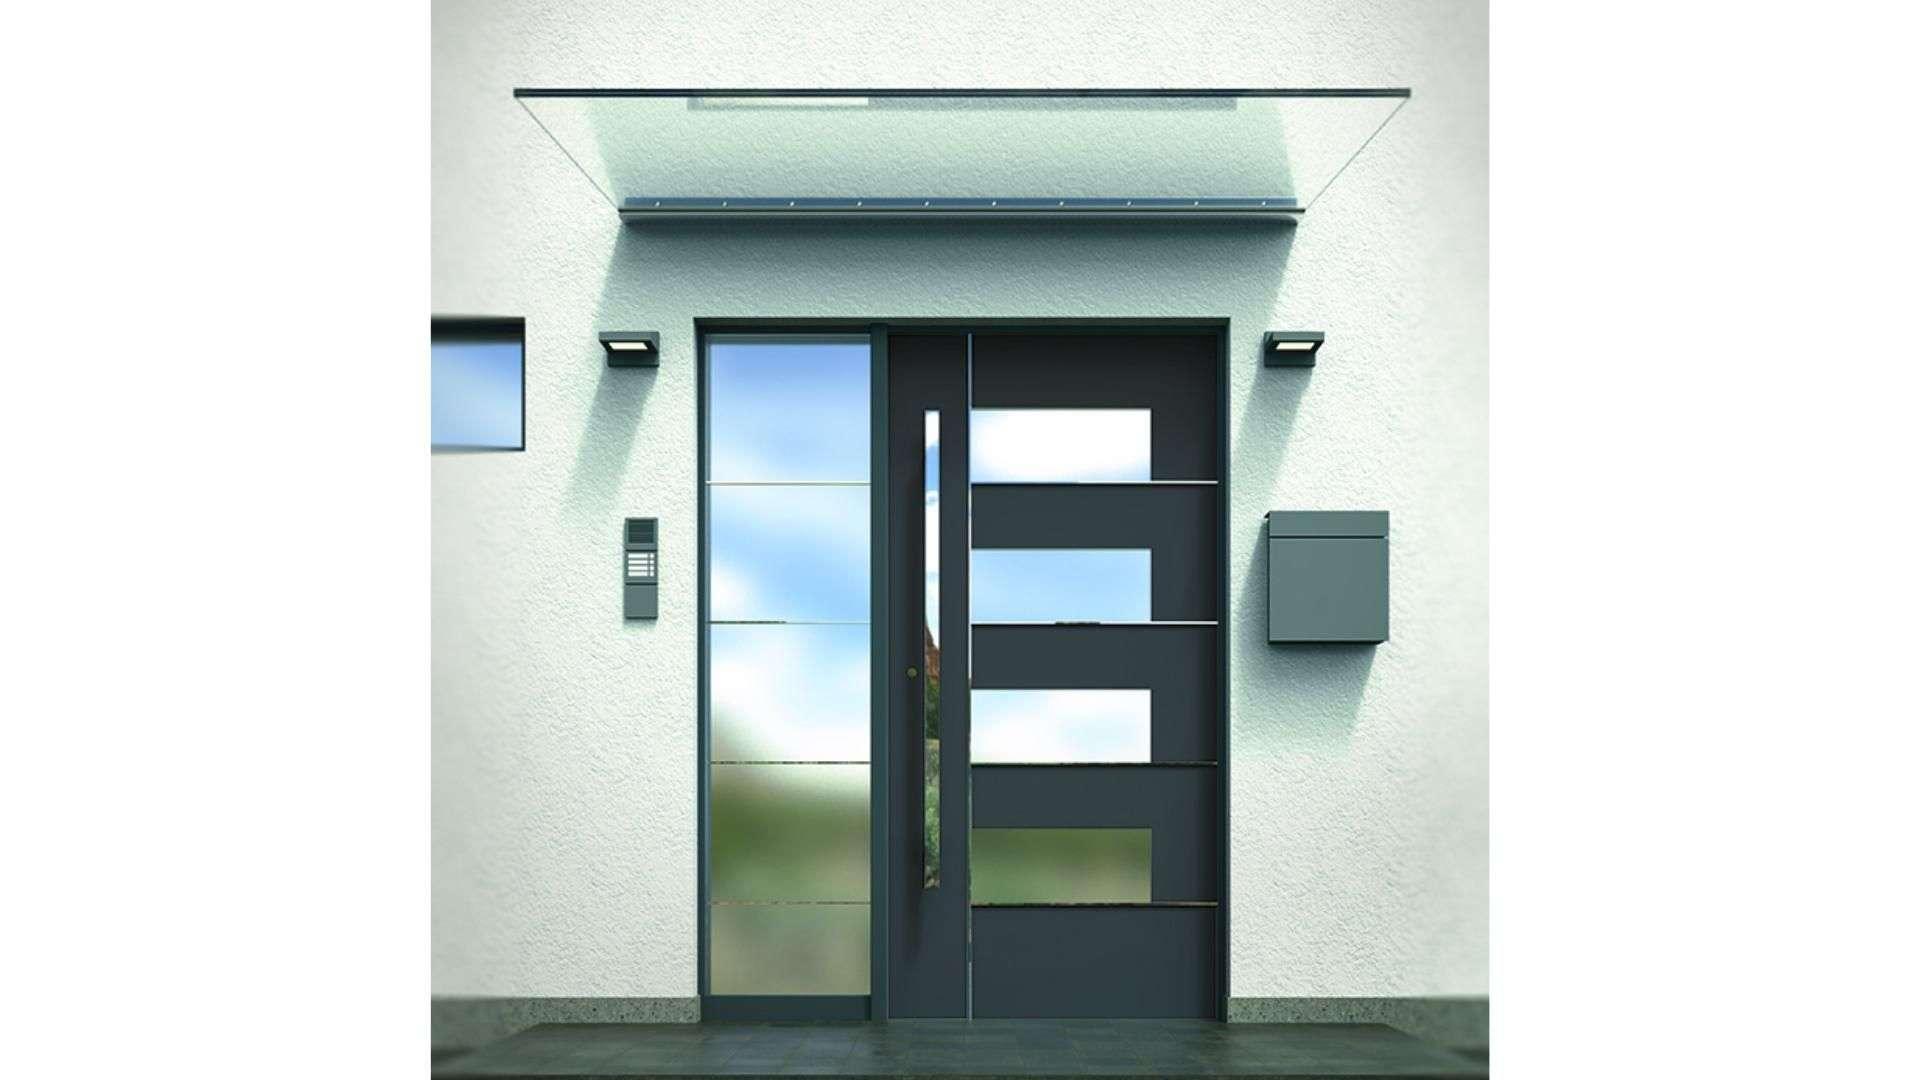 Glas-Vordach VD 1510 über einer Haustür